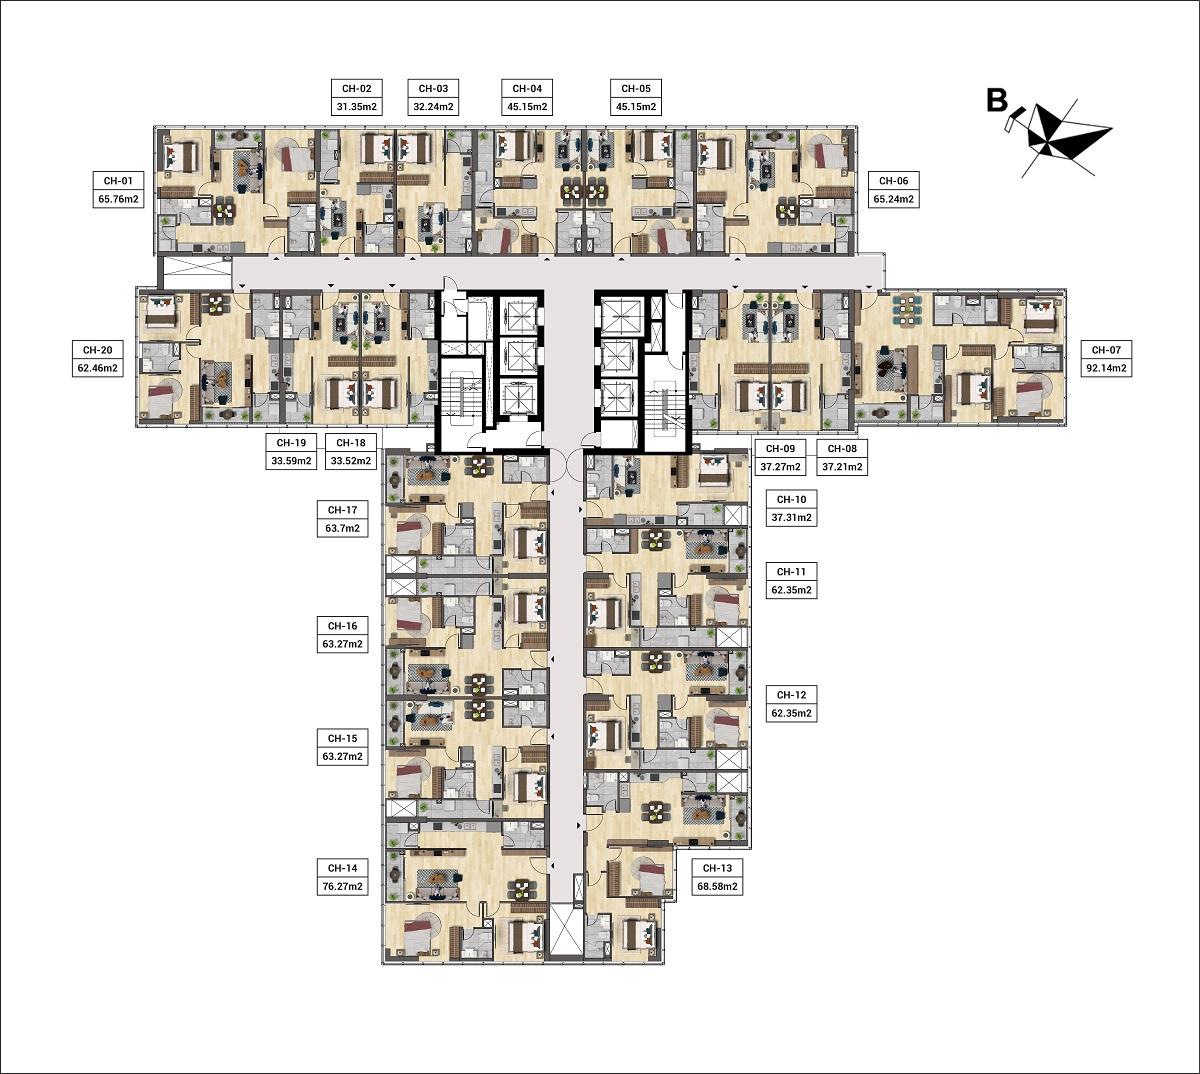 Mặt bằng tầng điển hình căn hộ The Nosta đường Láng